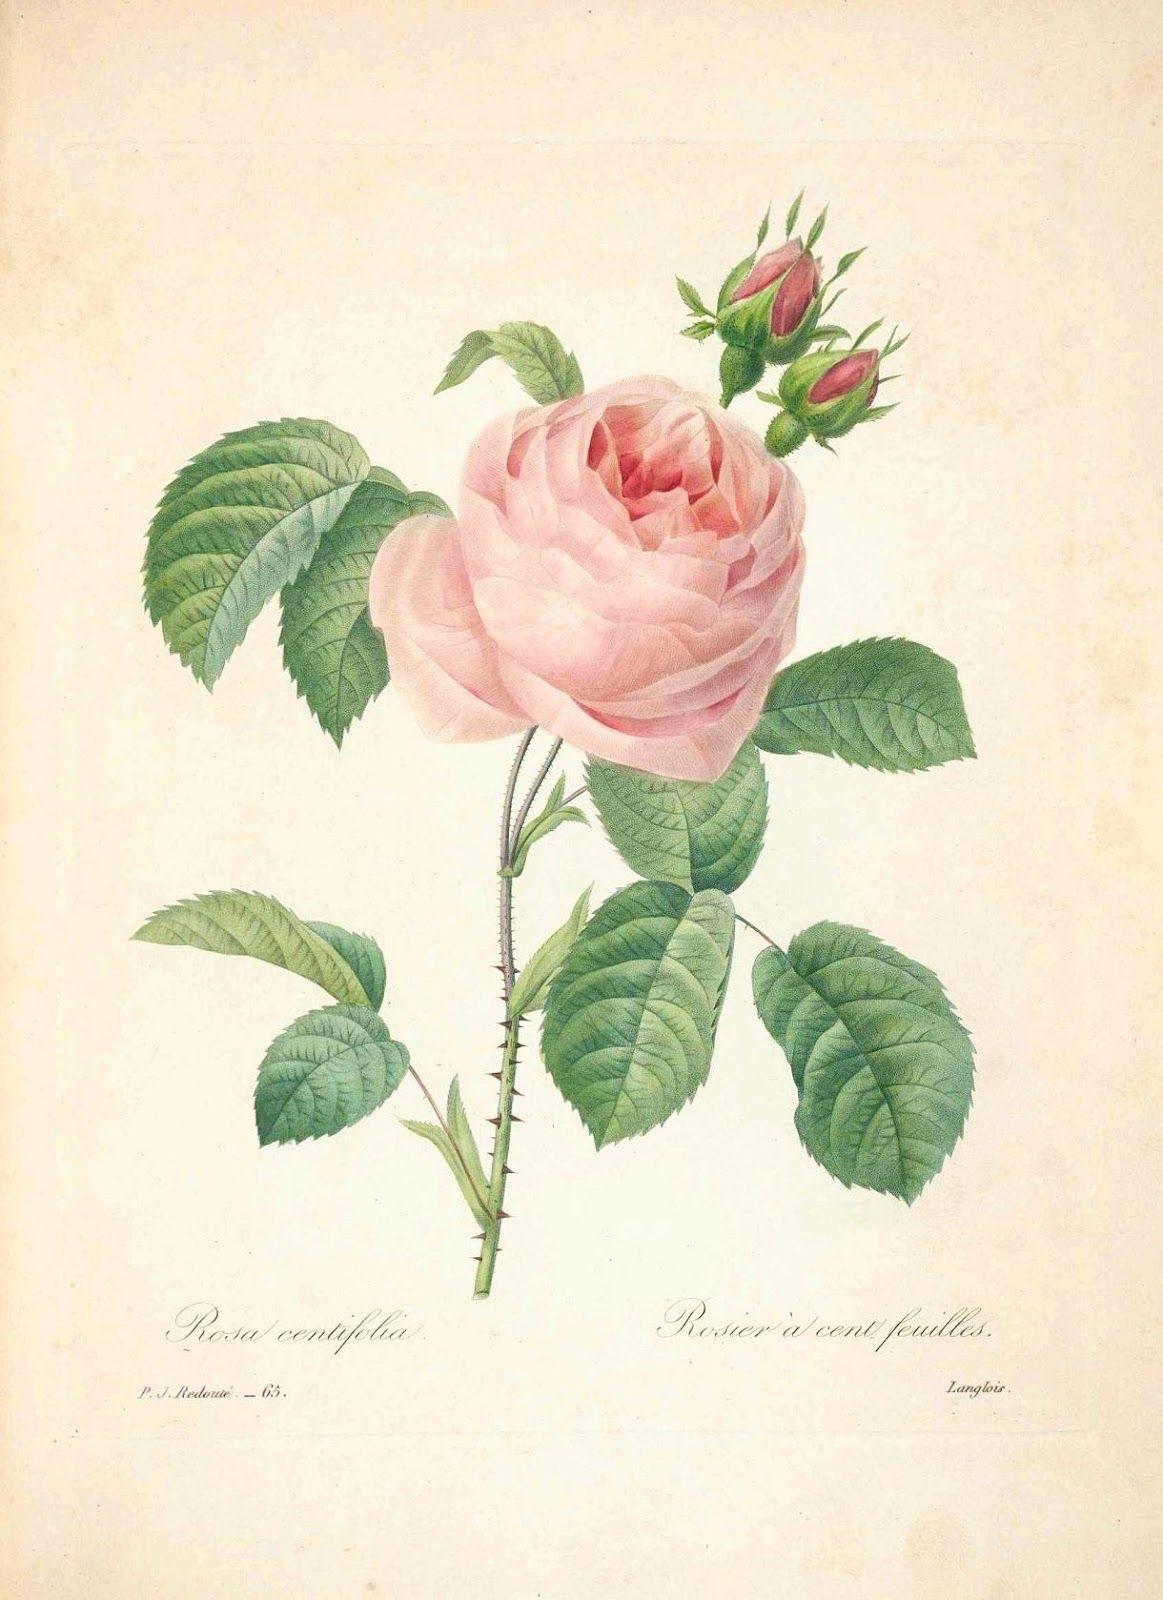 ピエール=ジョゼフ・ルドゥーテ | ピエール, 植物